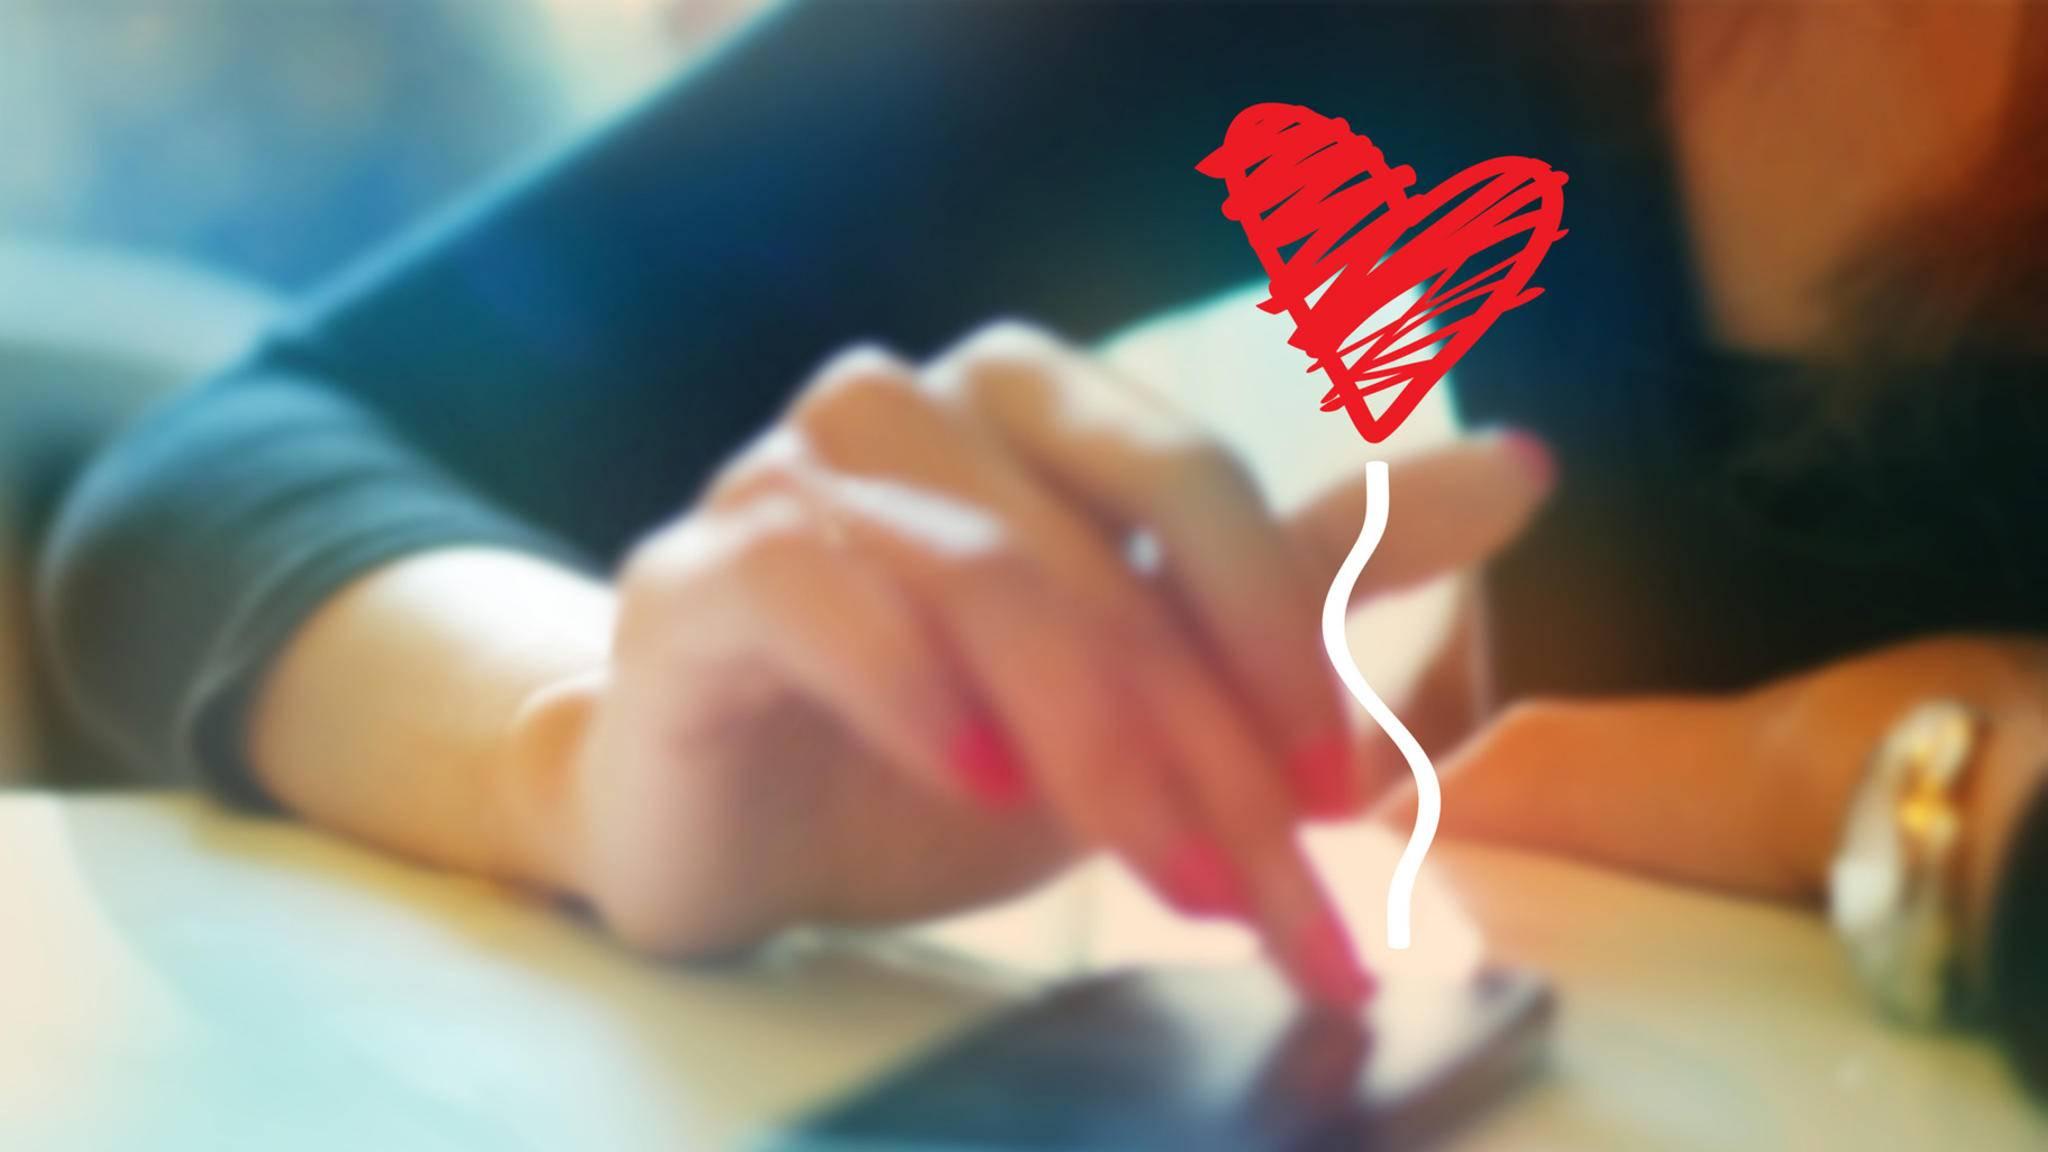 Spätestens zum Valentinstag sollte das Tinder-Profil aufgehübscht werden.